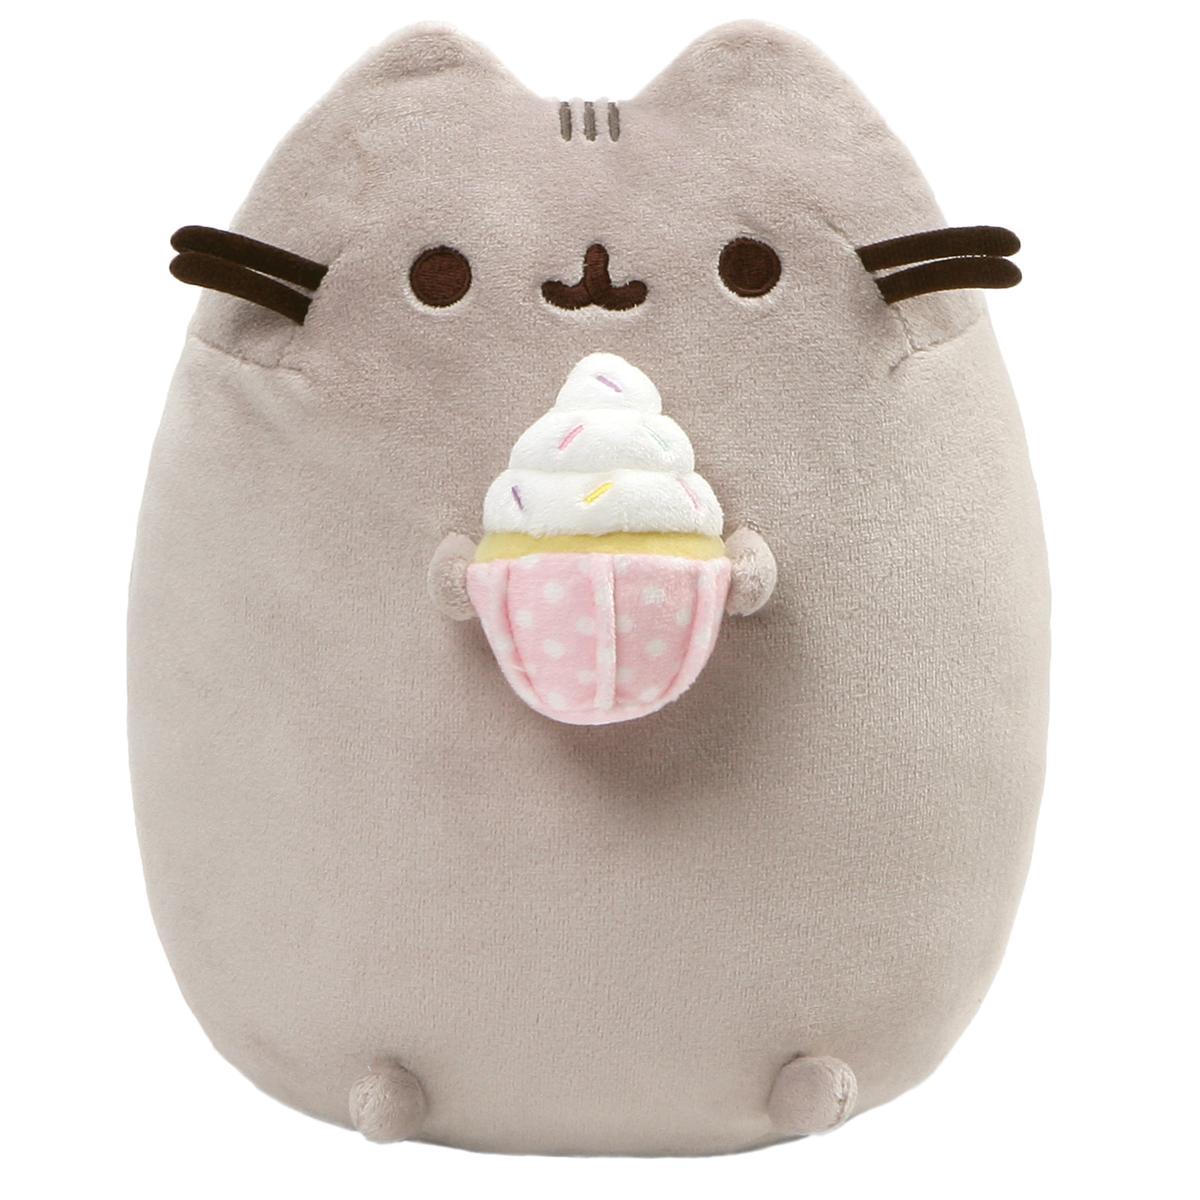 Peluche créateur \'Pusheen\' (cupcake chantilly) gris - 24 cm - [Q3420]